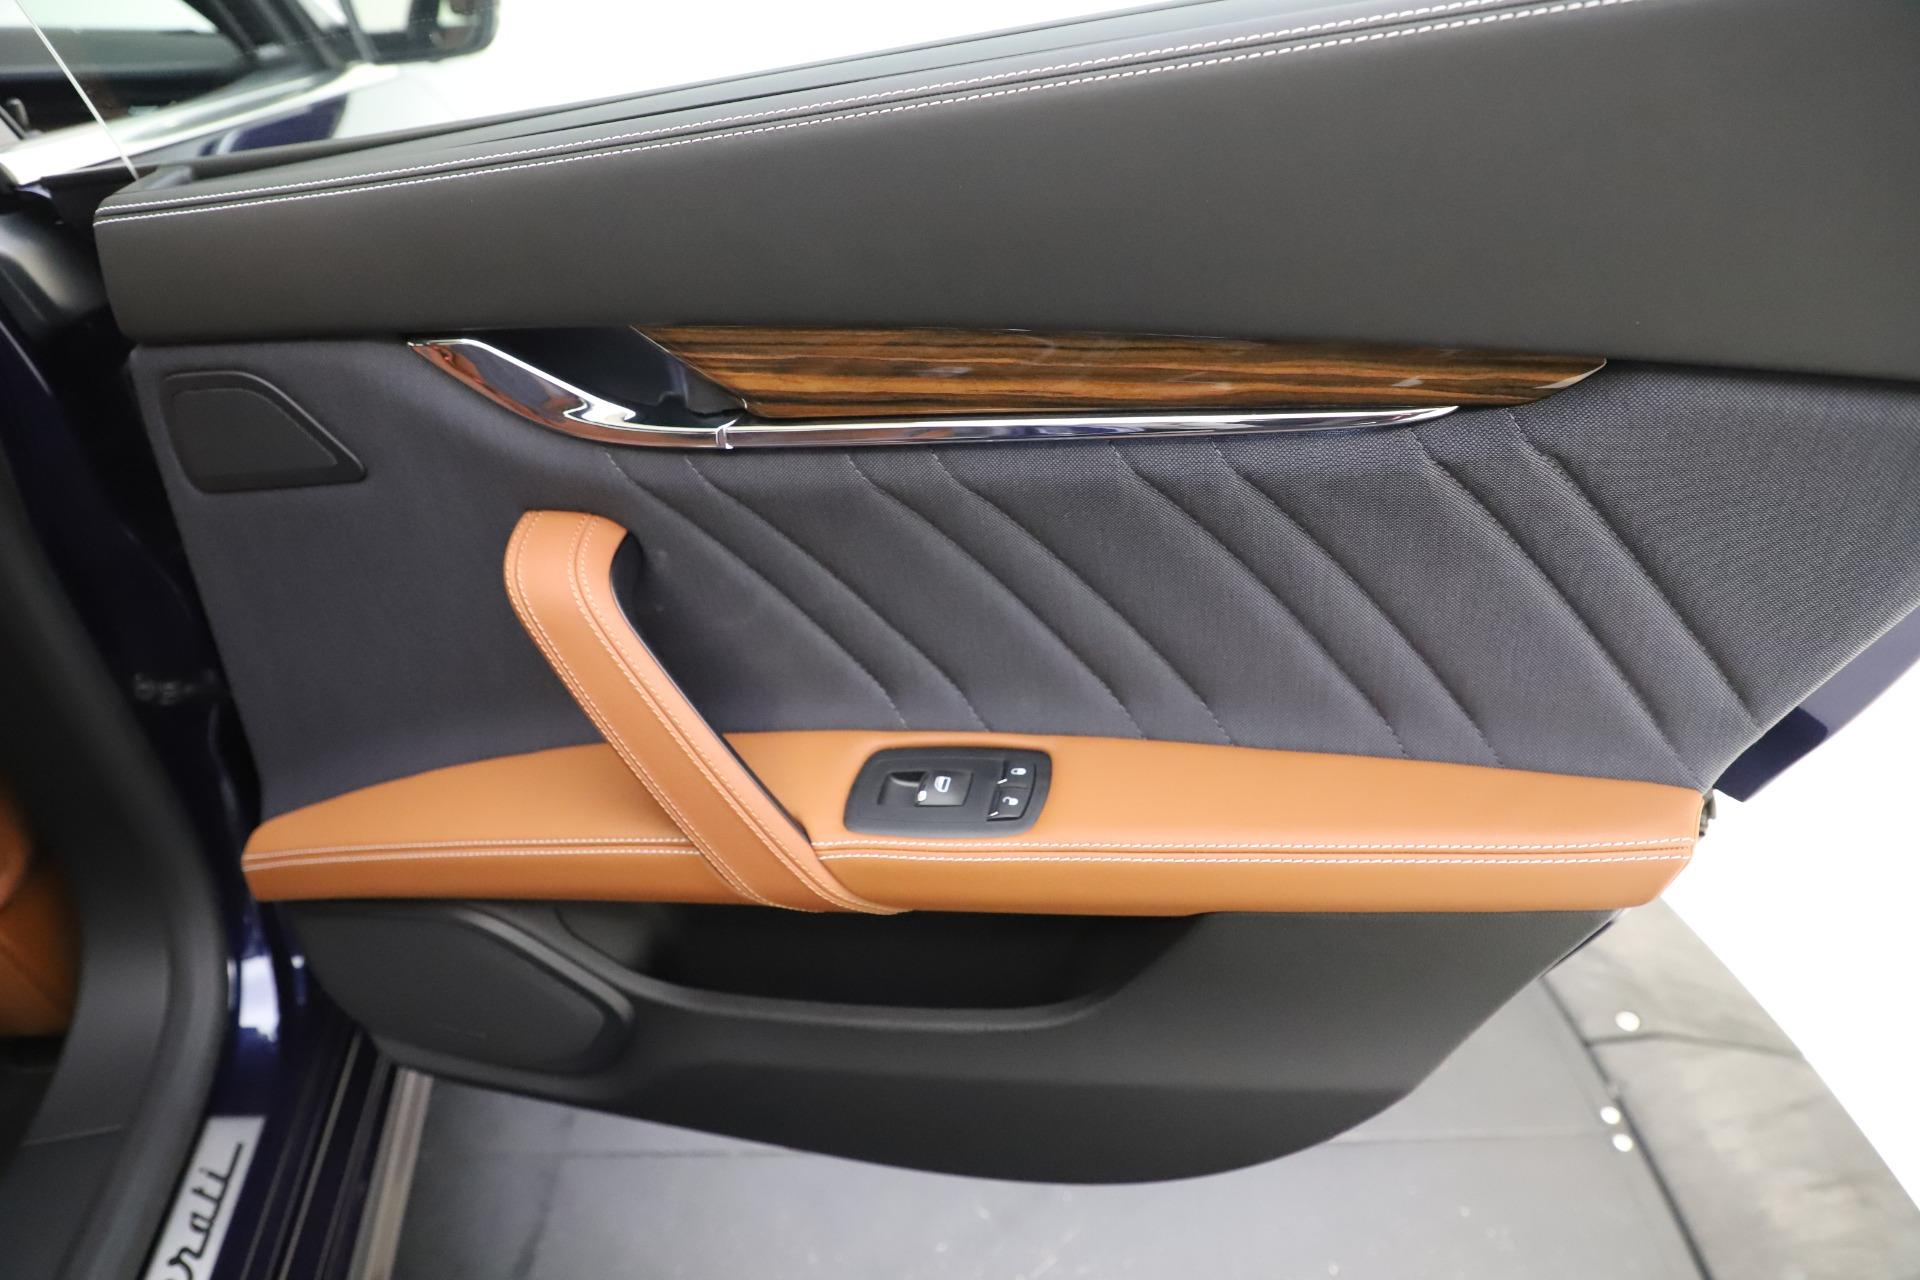 Used 2017 Maserati Quattroporte S Q4 GranLusso For Sale In Greenwich, CT 3553_p29